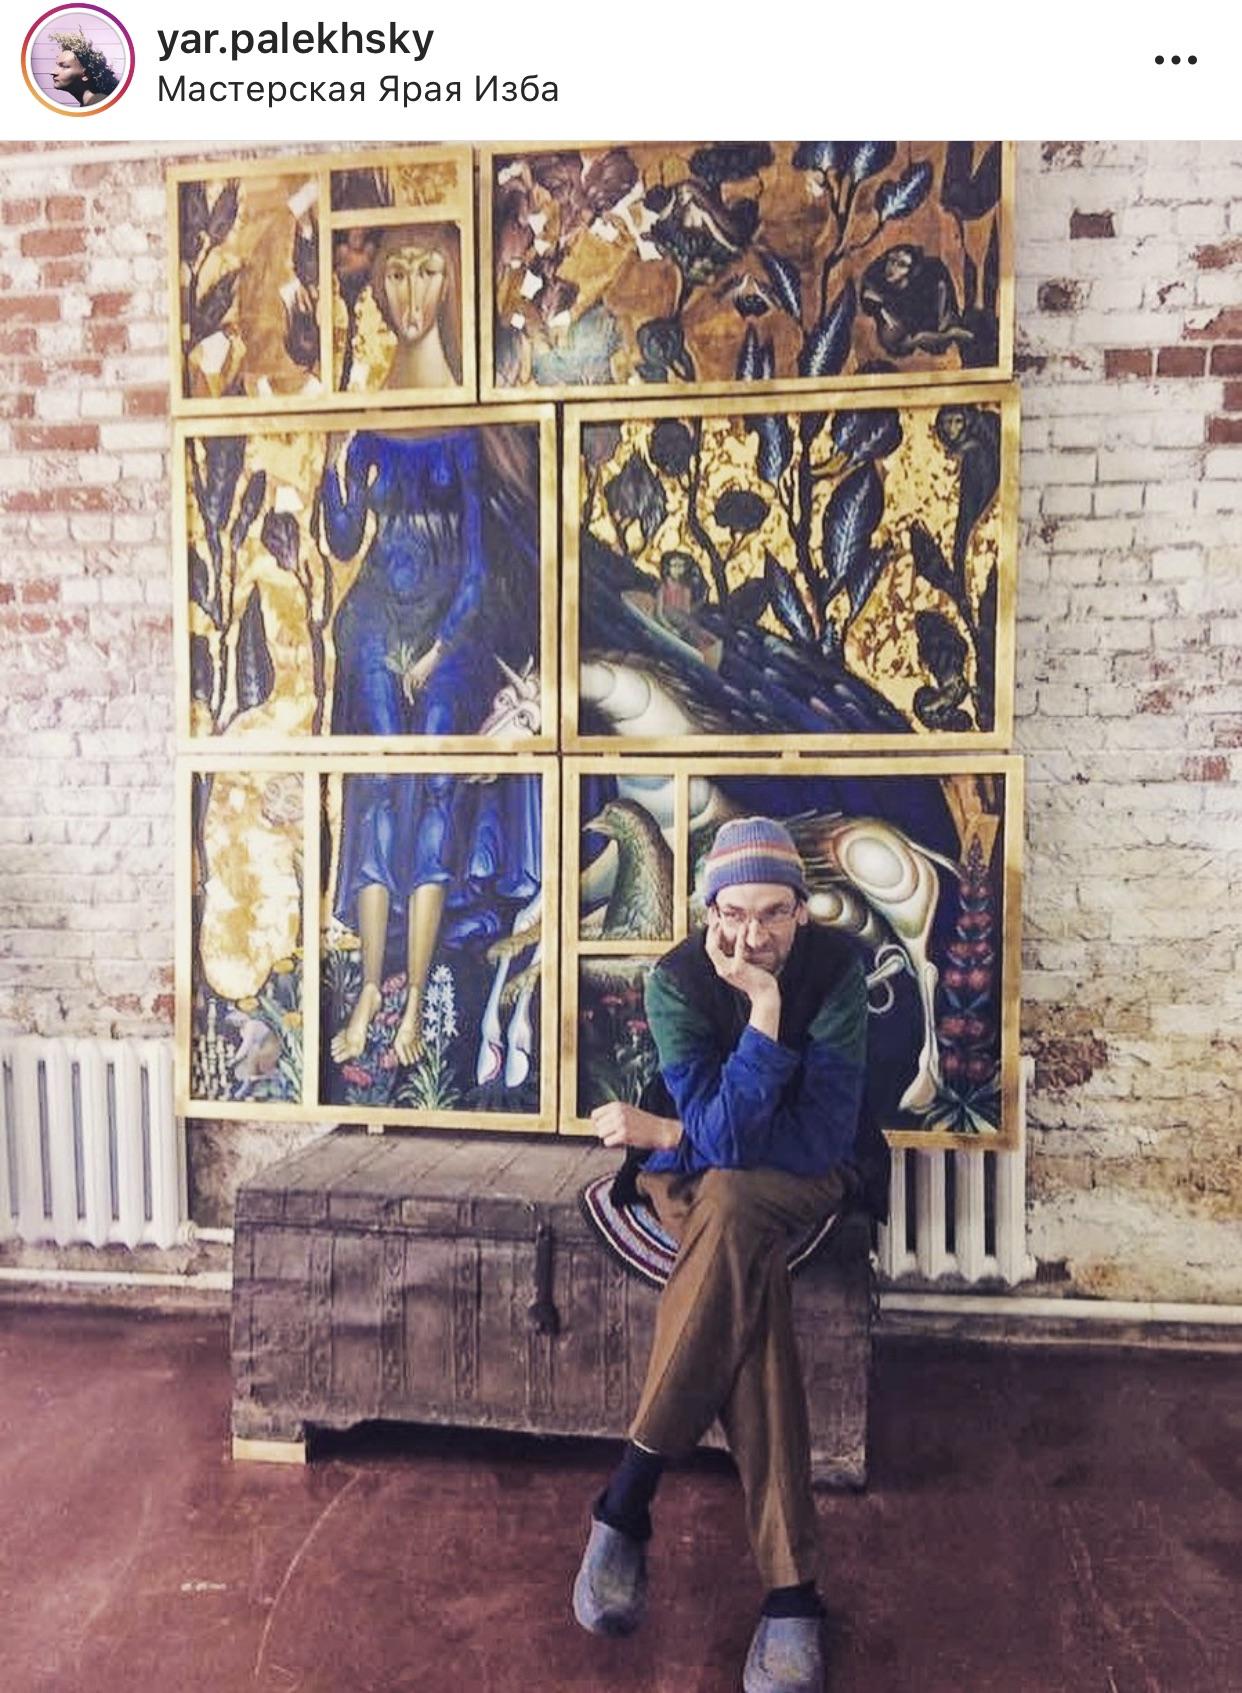 @yar.palekhsky - художник, живущий в Палехе. Его доска со свеклой нарисованной заставляет меня думать, что обязательно нужна человеку дача. Потому что там должна висеть такая доска.